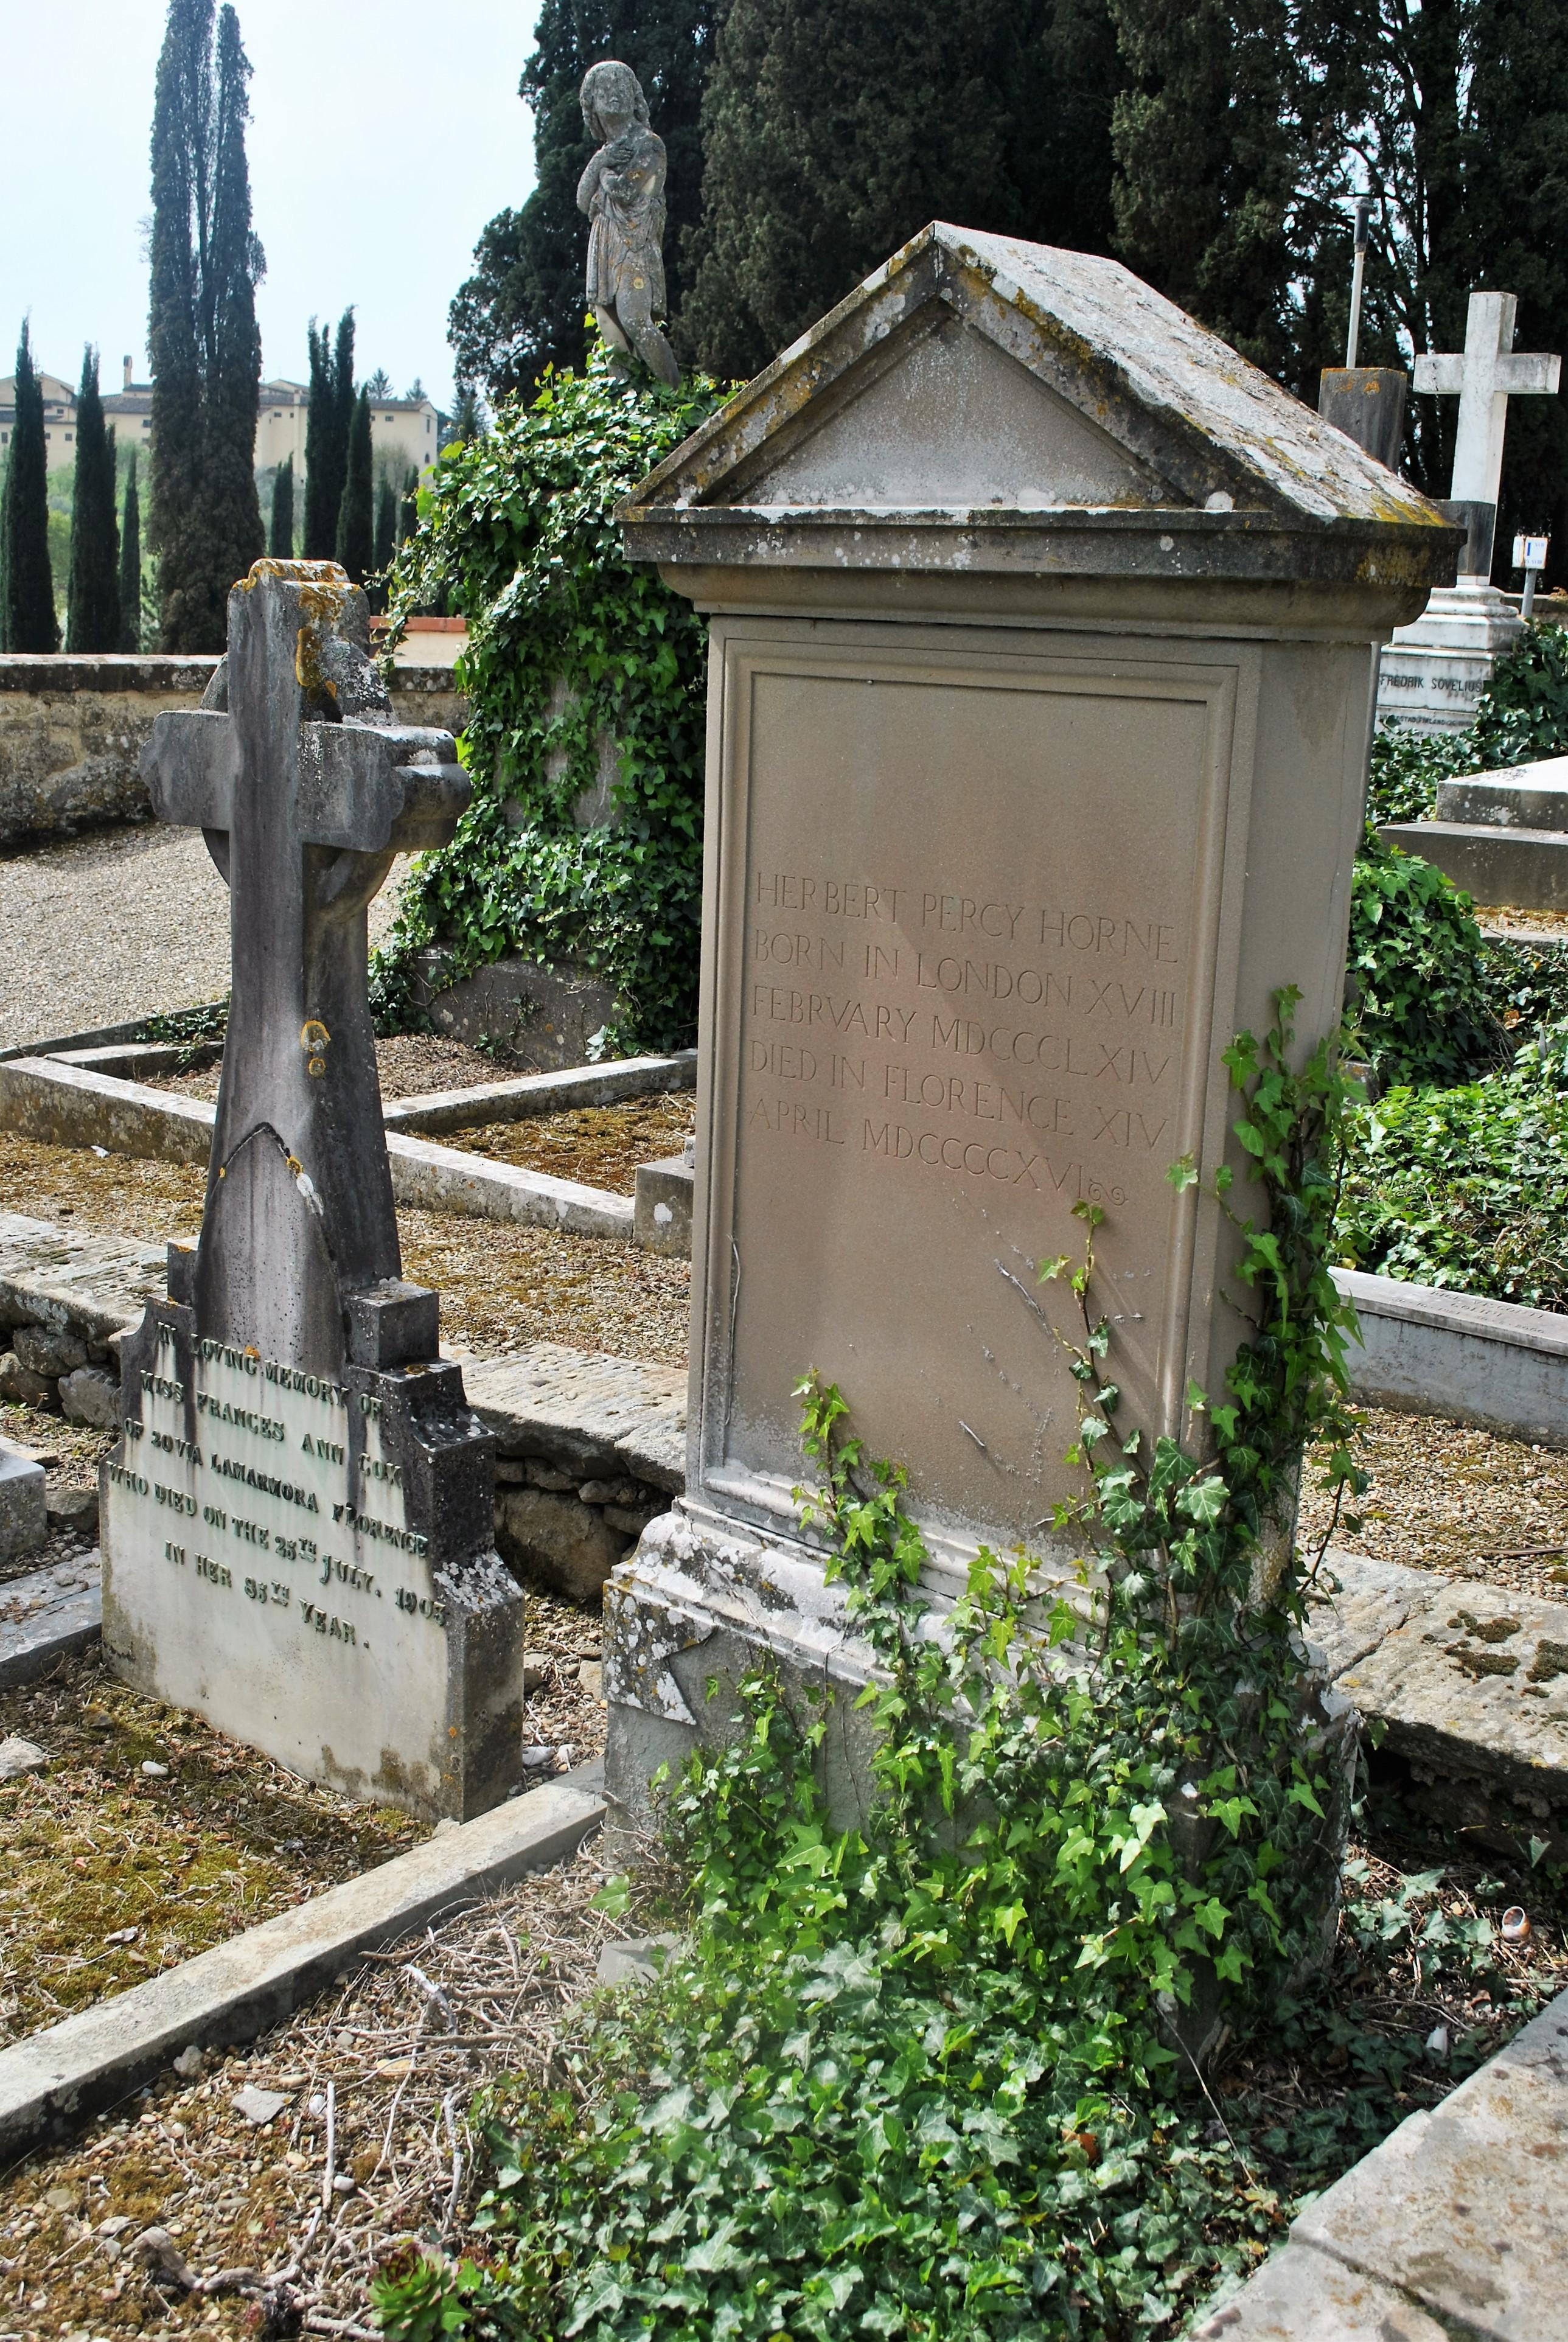 [[Cimitero degli Allori]], Herbert Percy Horne